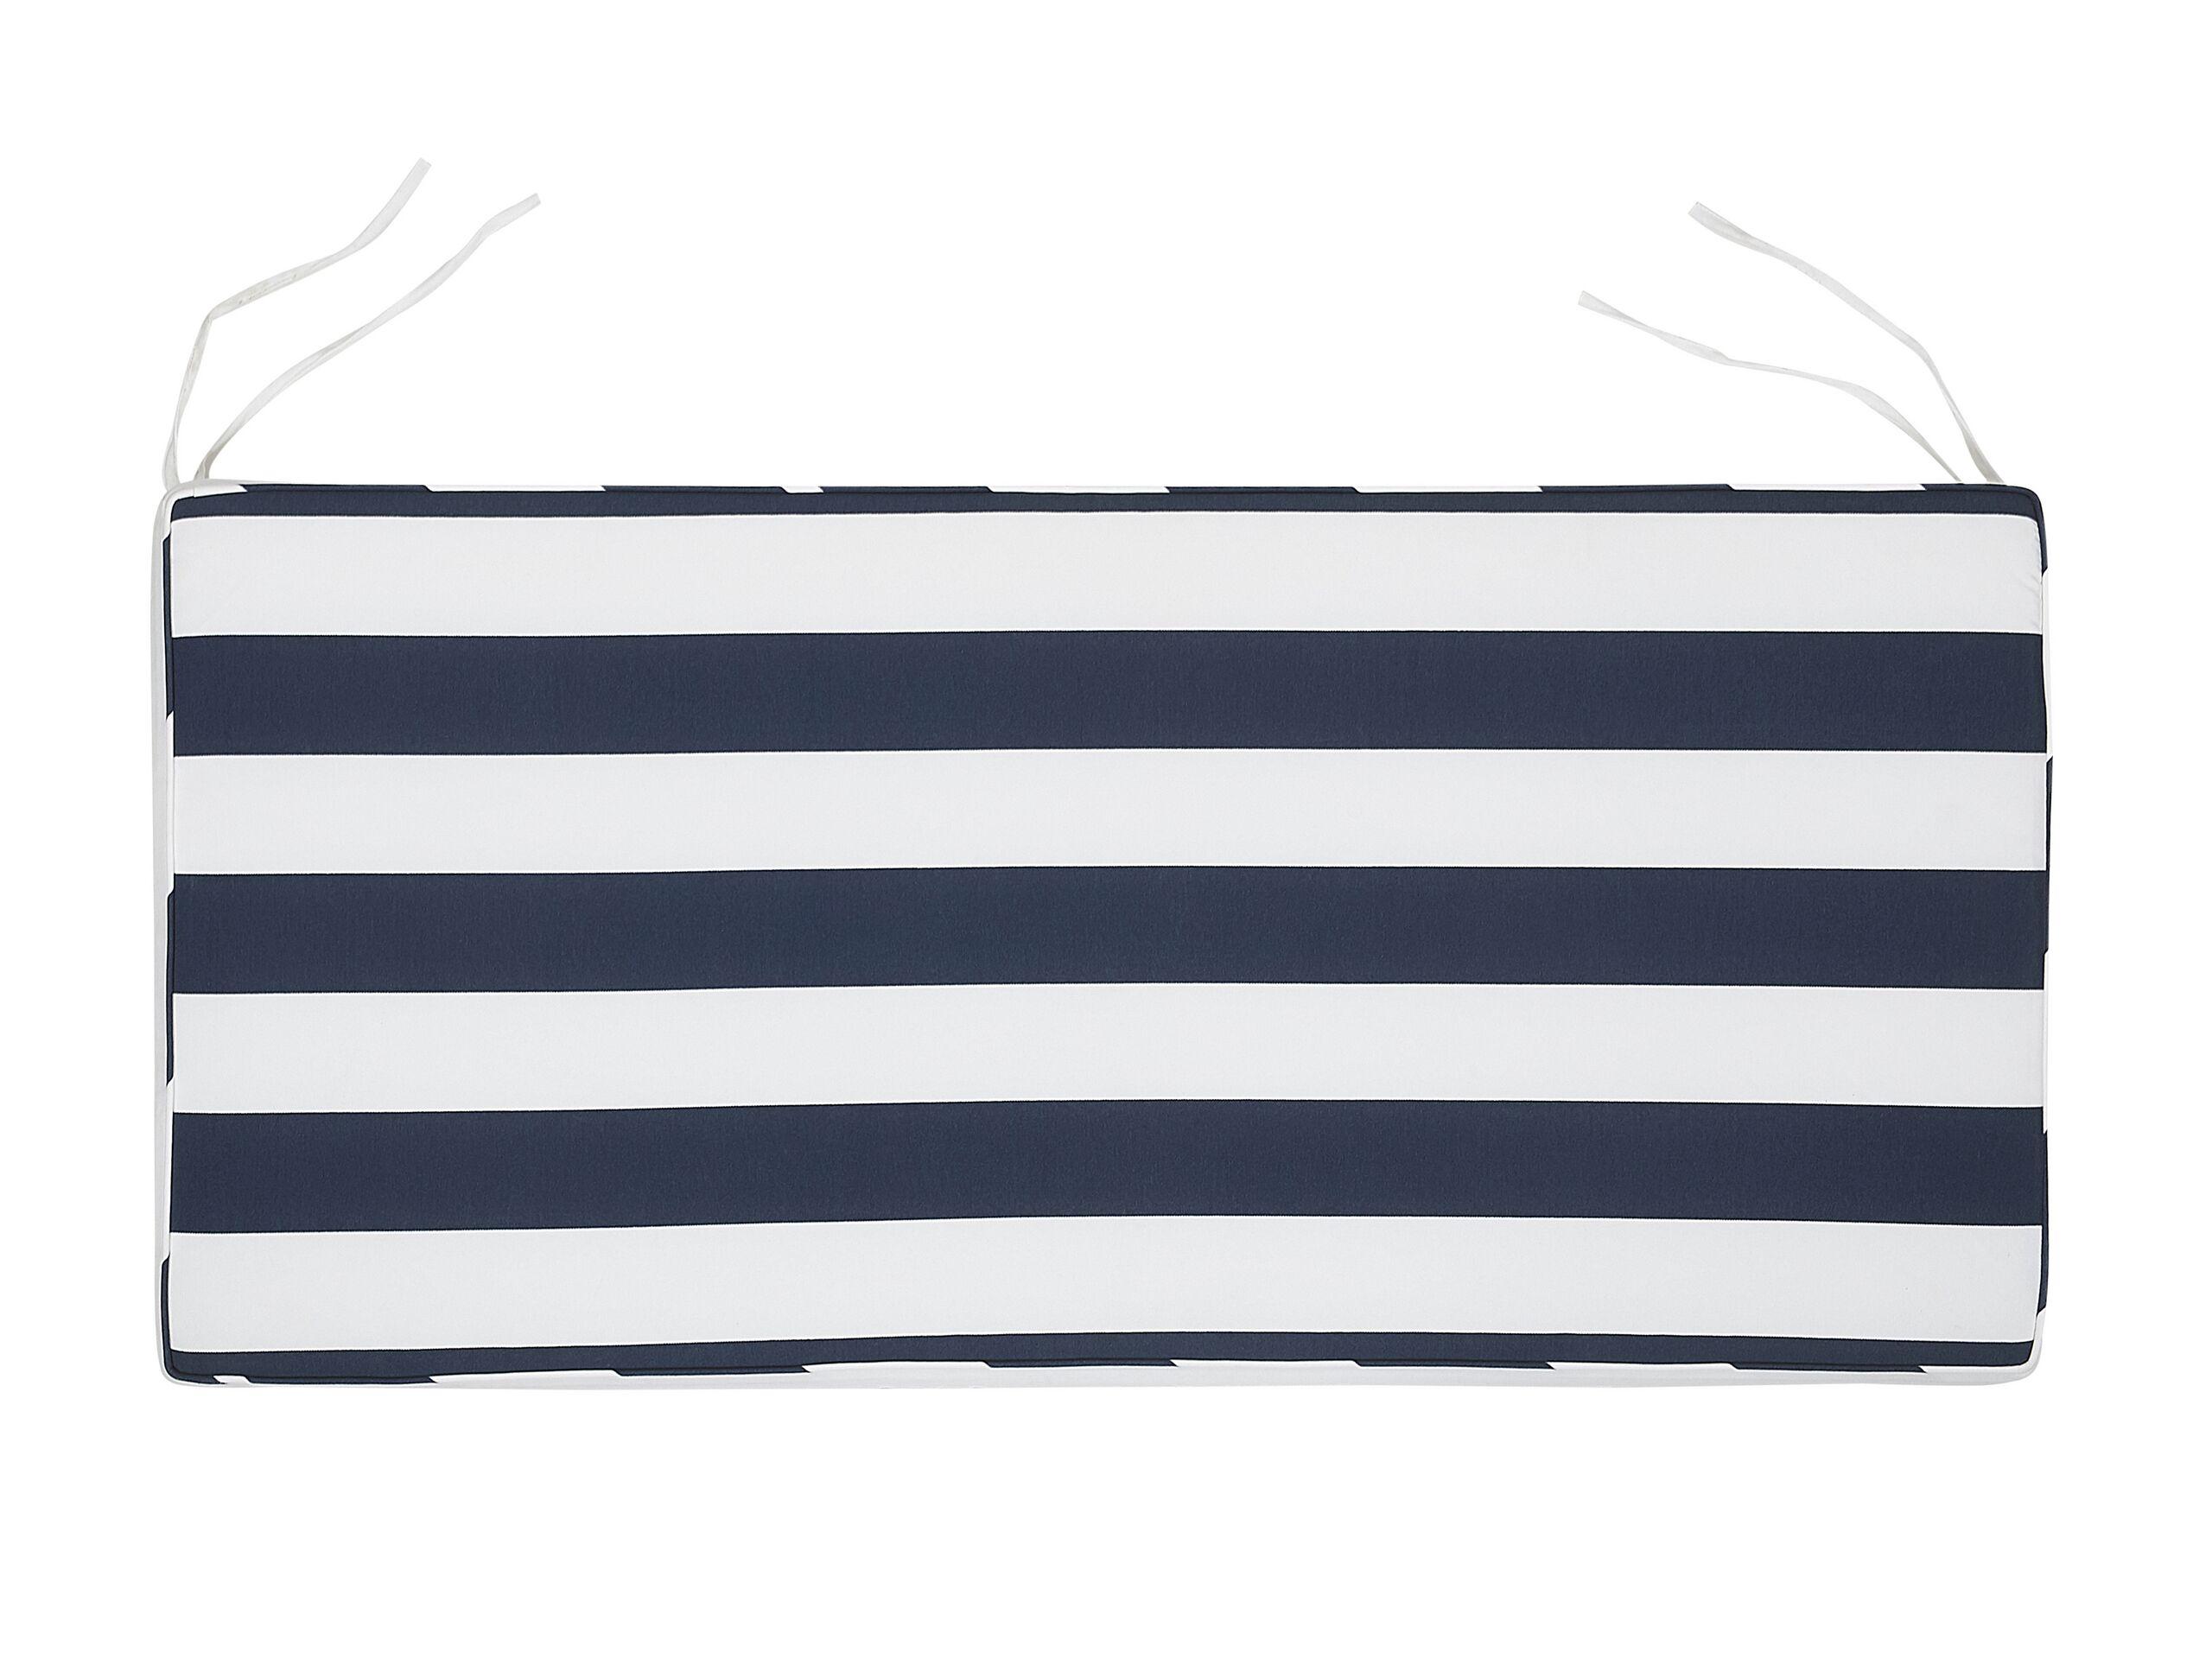 Coussin à rayures bleu marine pour banc de jardin L152cm